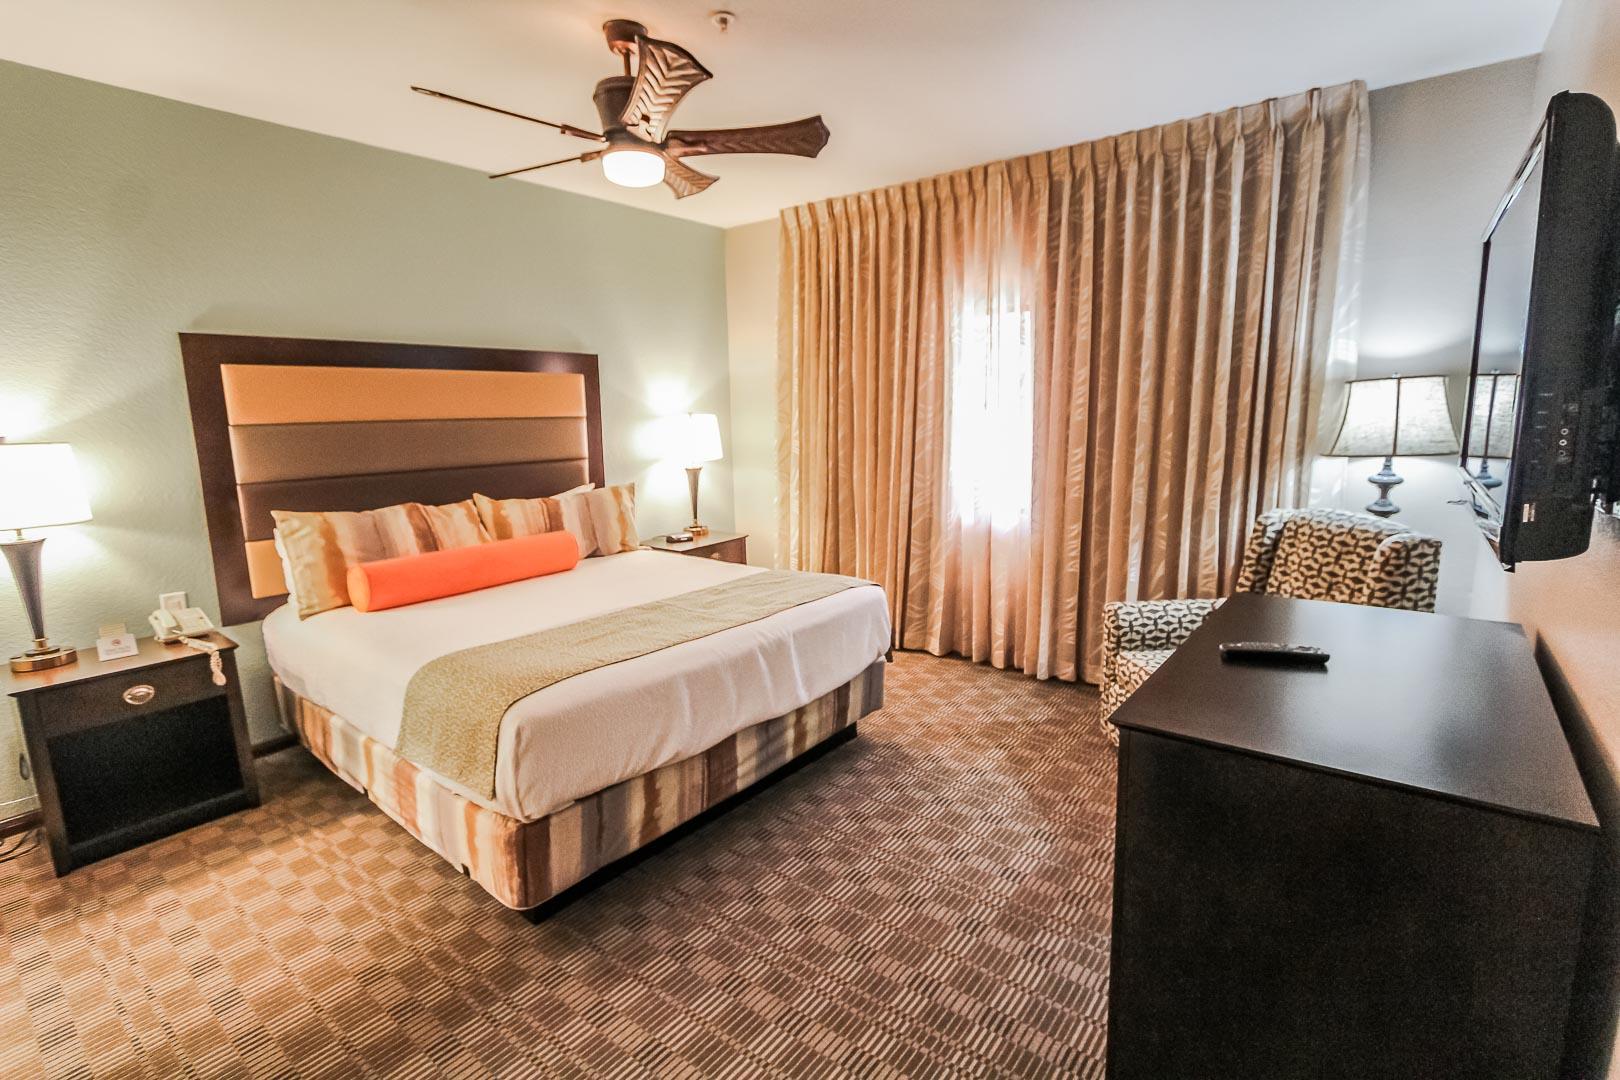 A beautiful master bedroom at VRI's Desert Isle Resort in California.